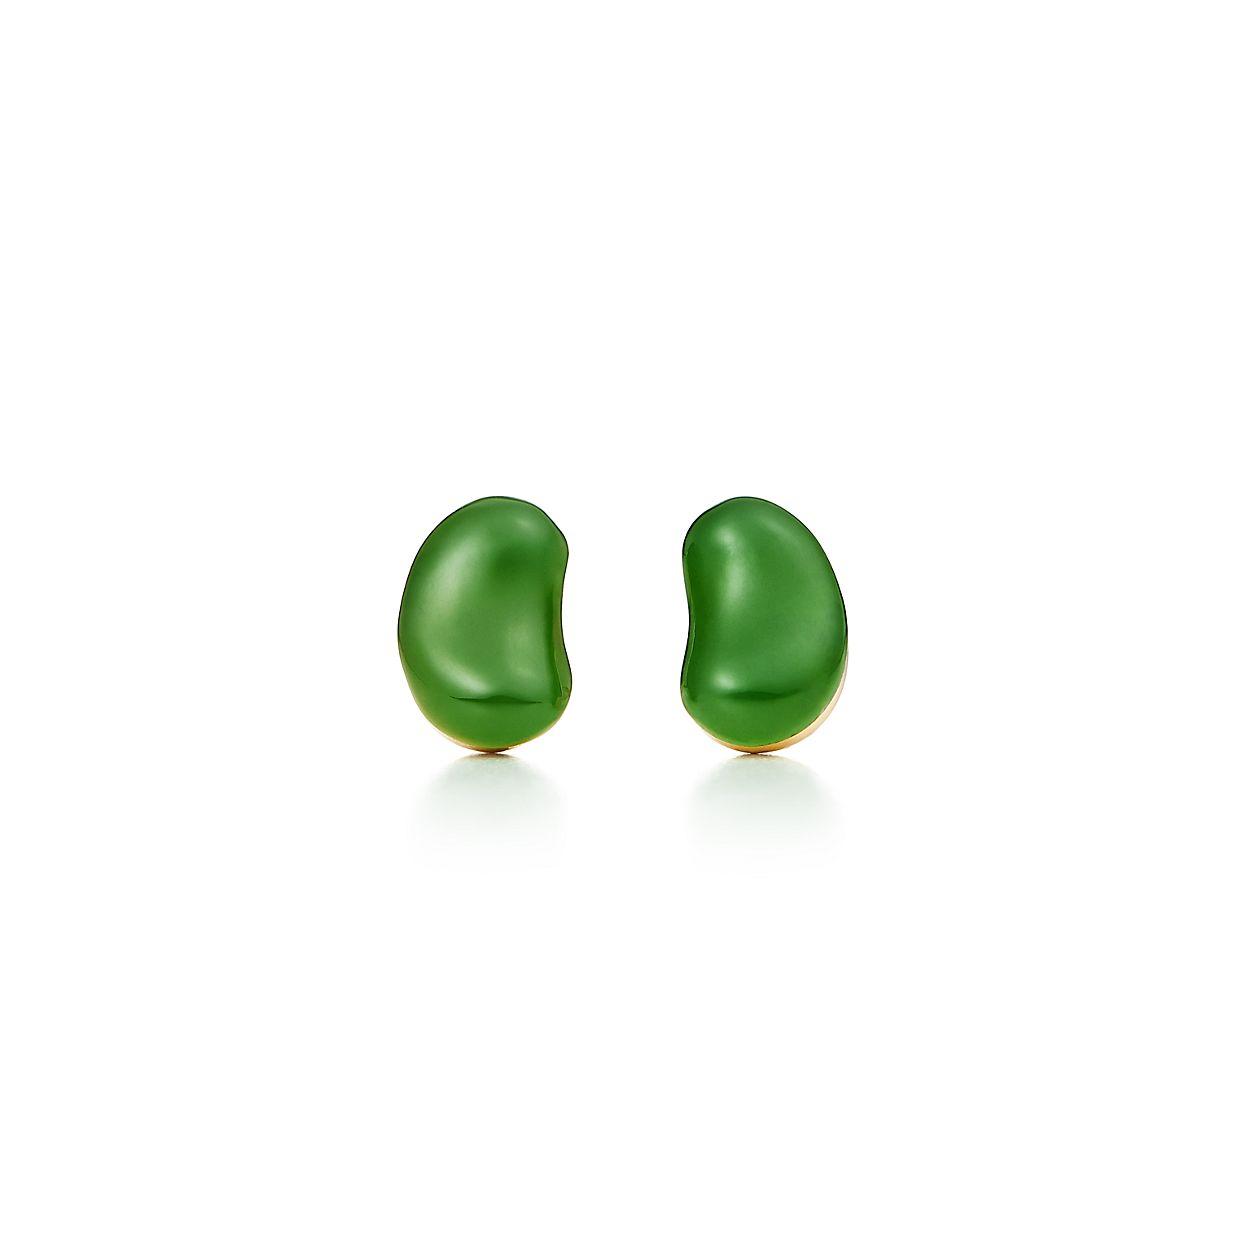 Elsa Peretti Bean Design Earrings